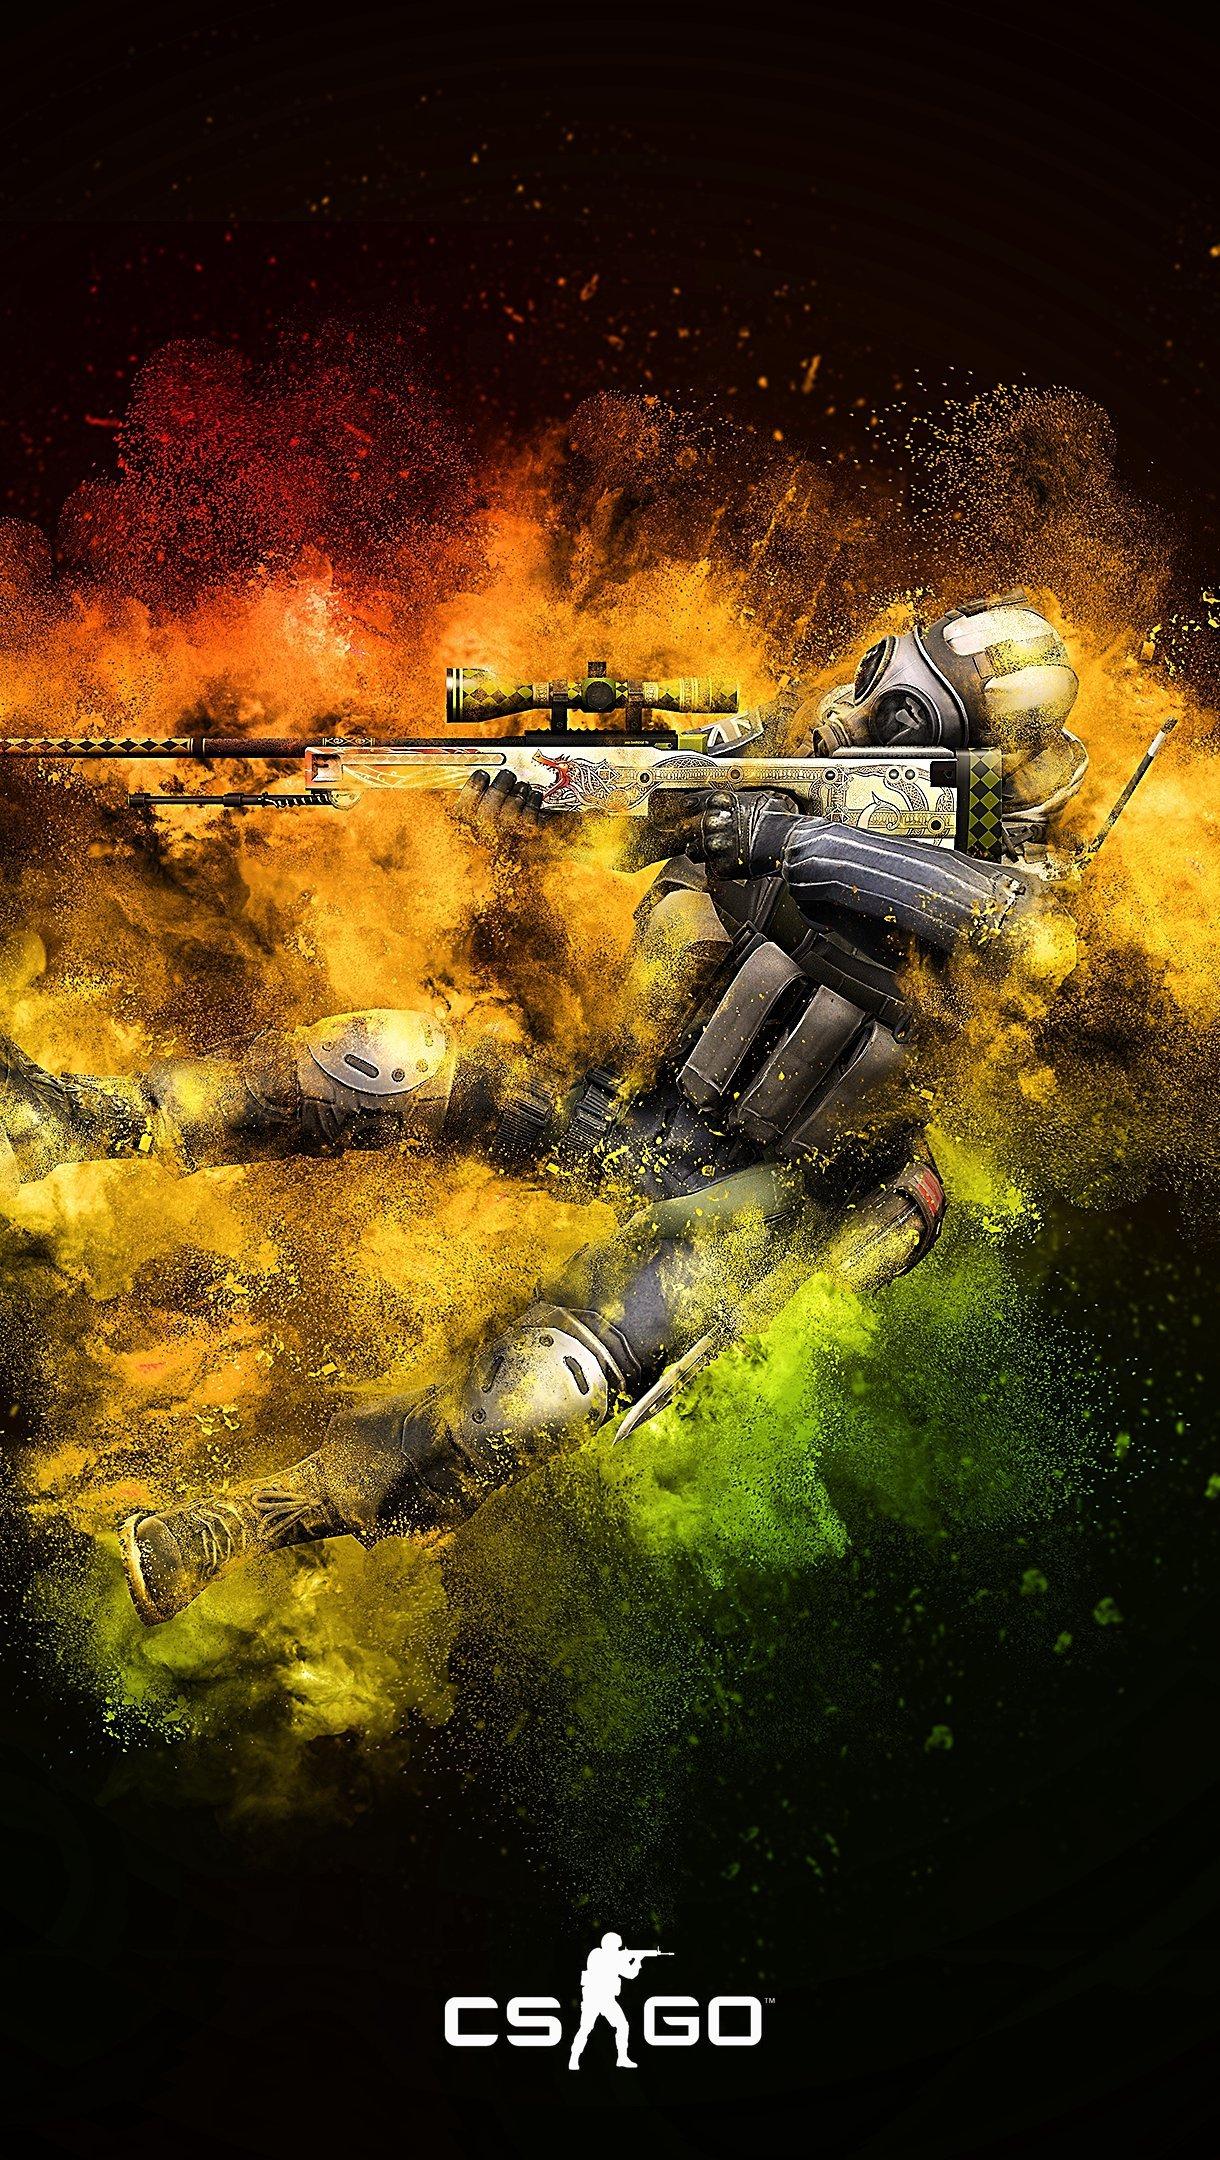 Fondos de pantalla Counter Strike: Global Offensive CSGO Vertical